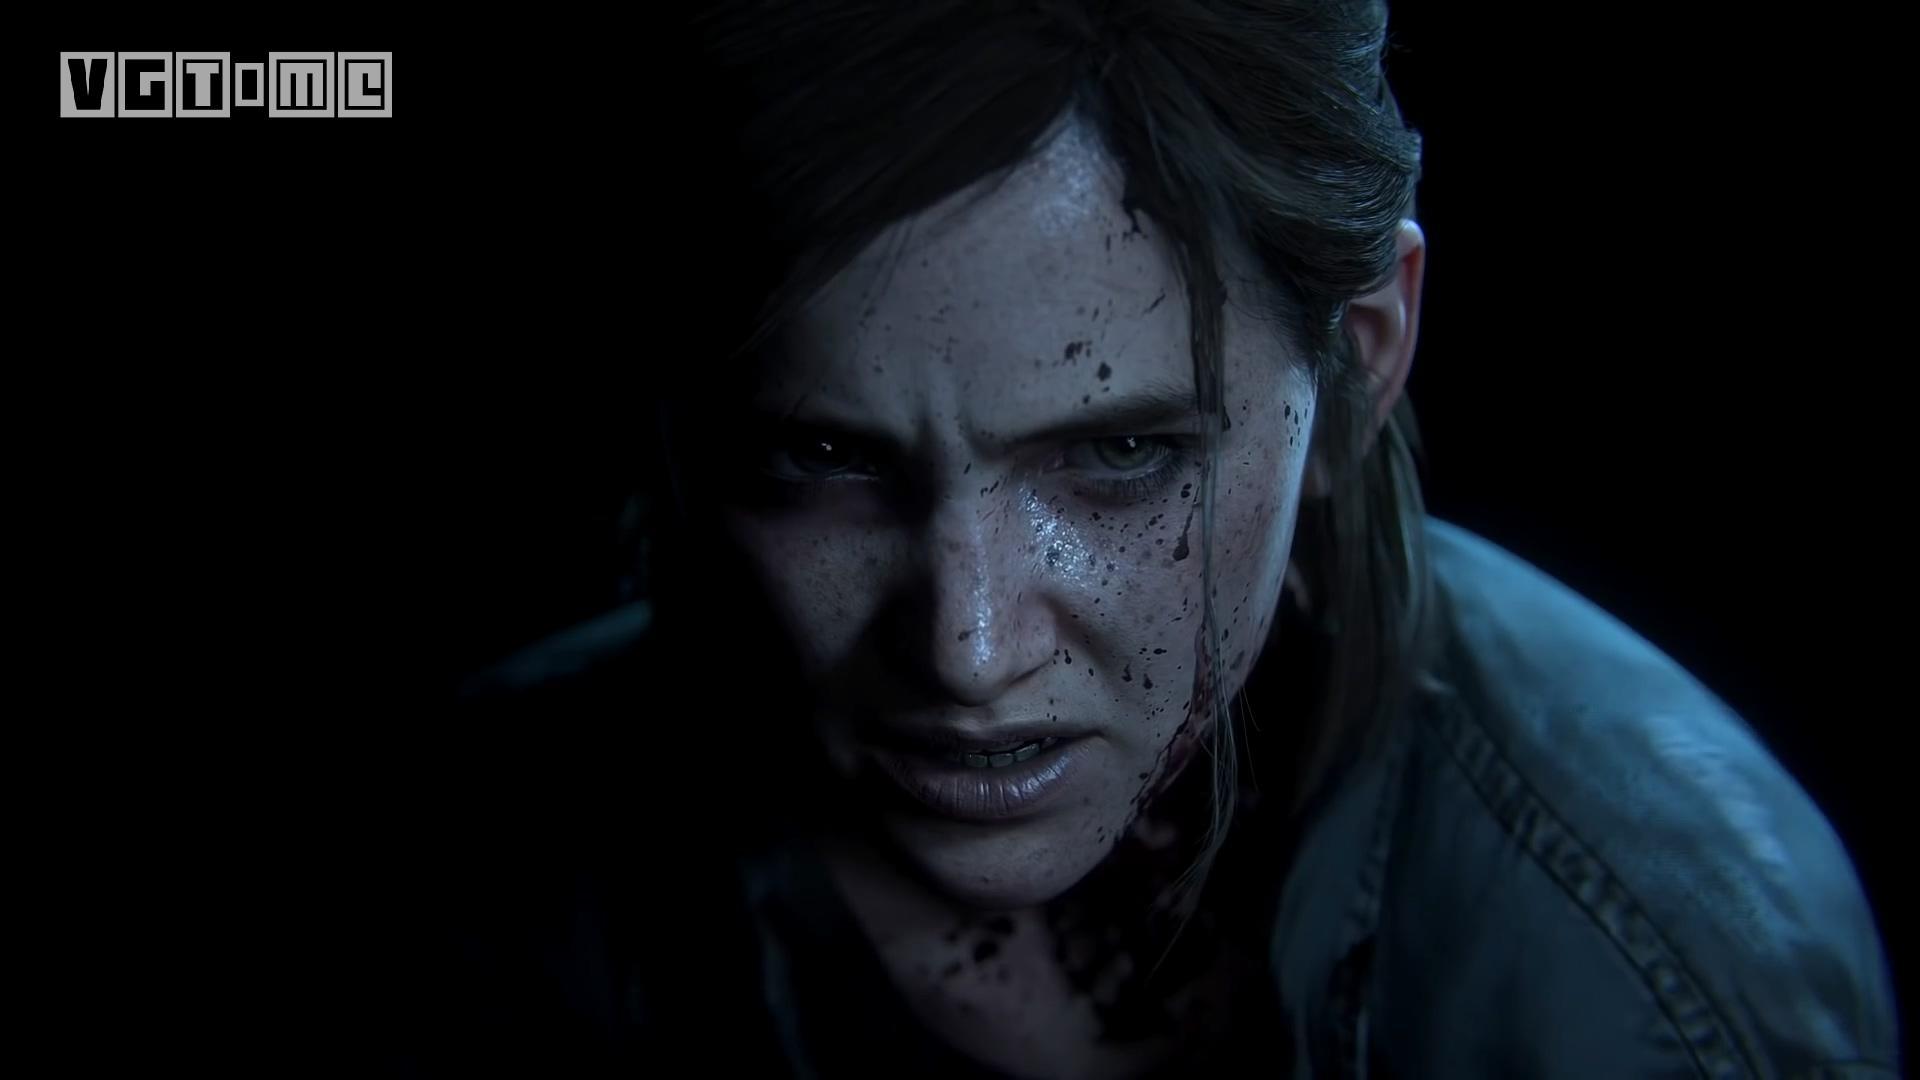 《最后生还者2》的灵感来源,原来是哭泣的「艾莉」